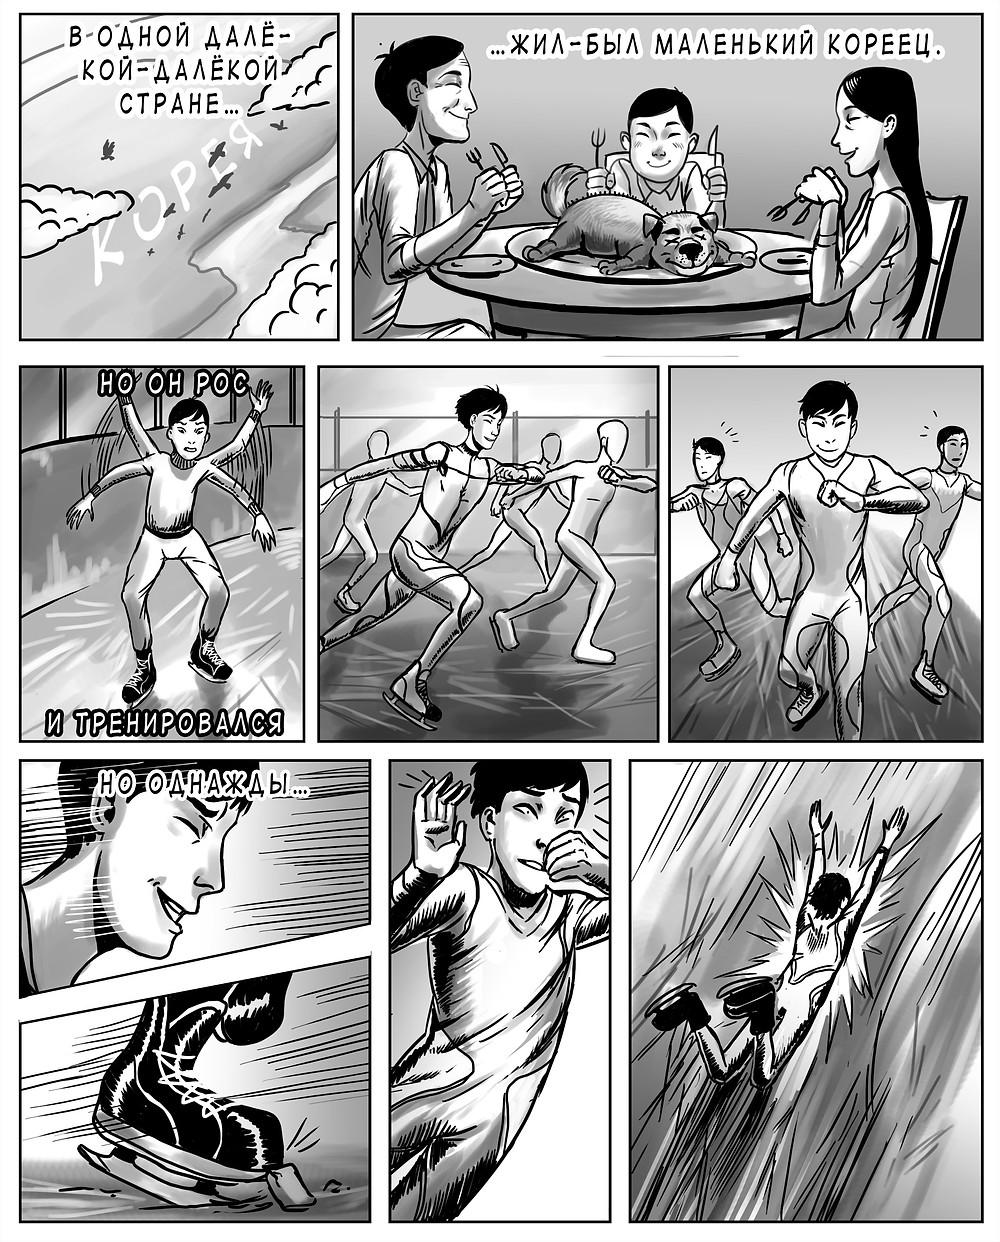 Комикс Виктор Ан 1. Студия комиксов на заказ